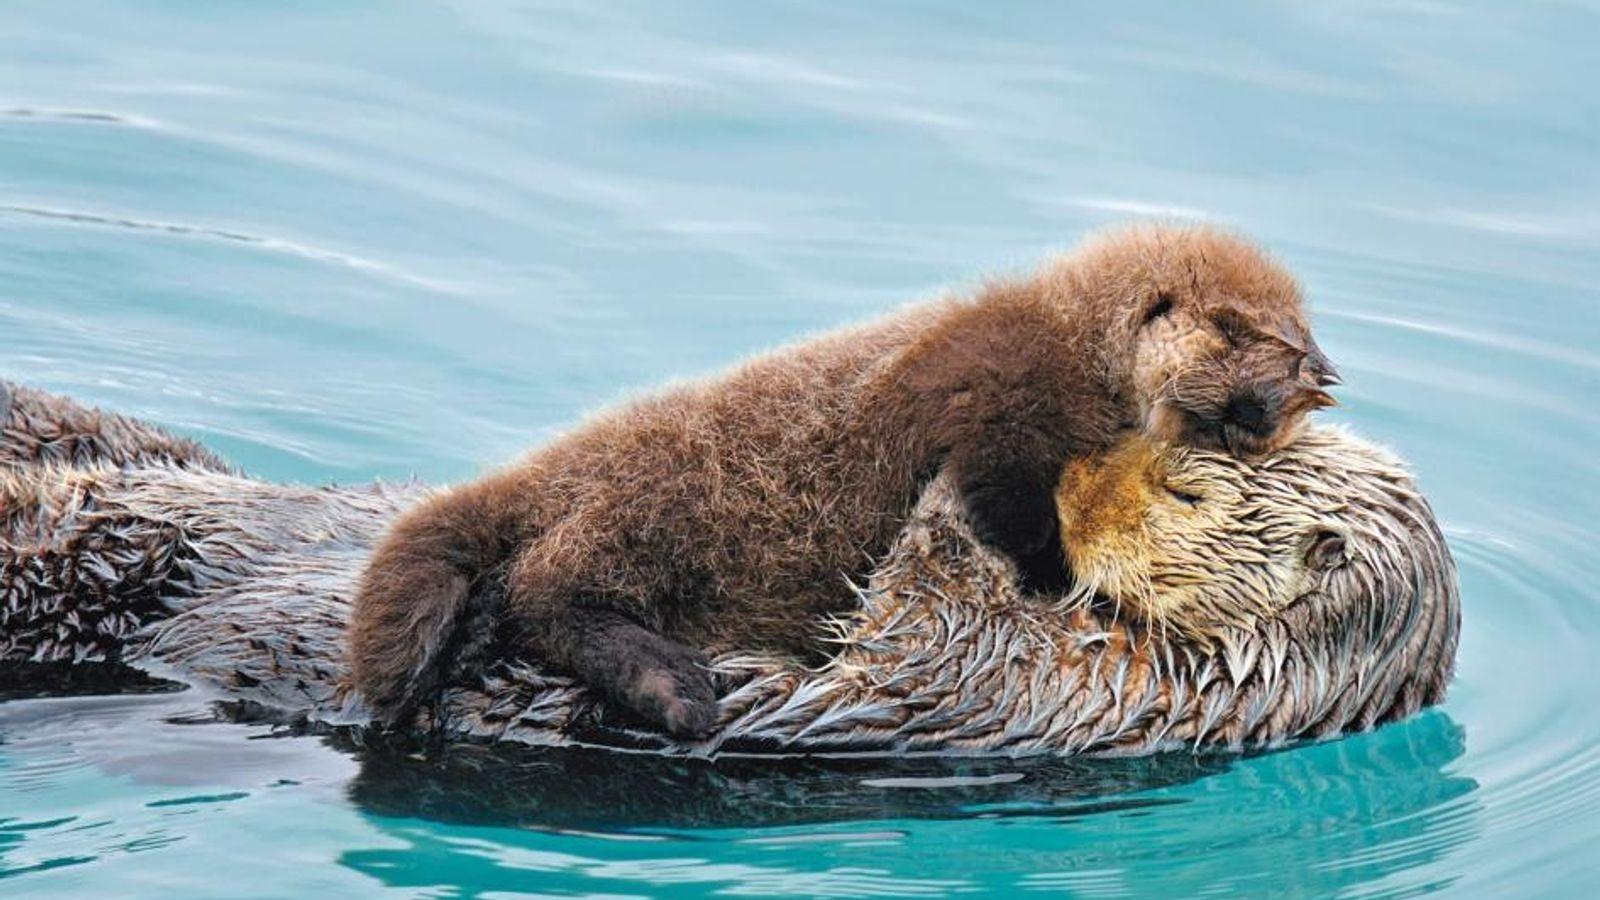 OTTERLIEBE Vor ihrem Jagdausflug an der Küste Kaliforniens versteckt diese Ottermutter ihr Junges im Seetang, damit es ...